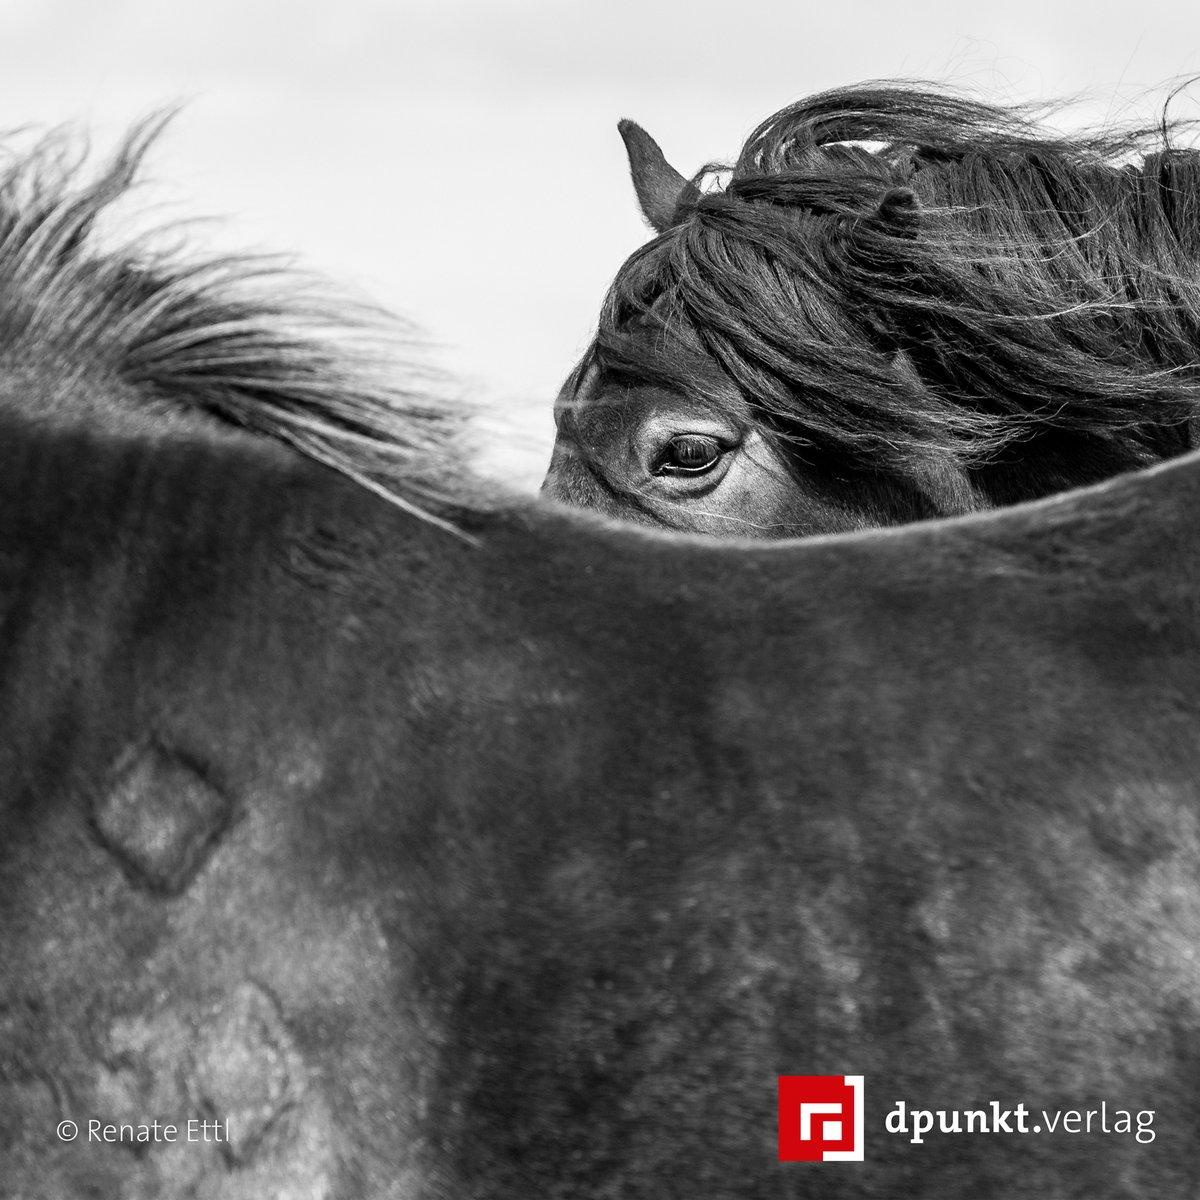 Ein Foto, das Gefühle vermittelt: Der sinnliche, in sich ruhende Blick des Ponys, getragen vom Rücken seines befreundeten Artgenossen im Vordergrund. Die vom Wind zerzauste Mähne bringt Bewegung ins Bild. Mehr dazu in »Kreative Pferdefotografie«. #tierfotografie #lesetipppic.twitter.com/kfCMXDWlpv